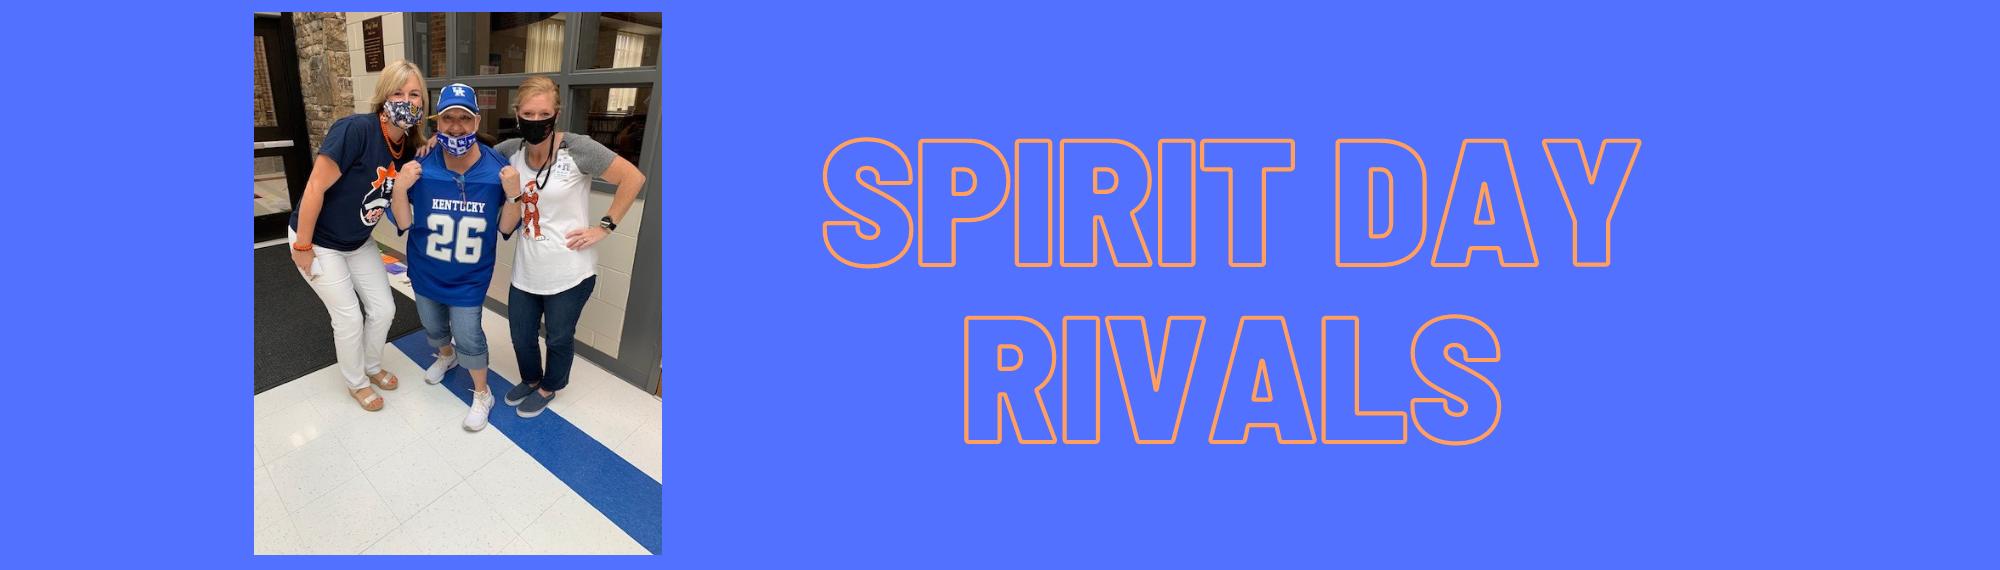 Spirit Day rivals